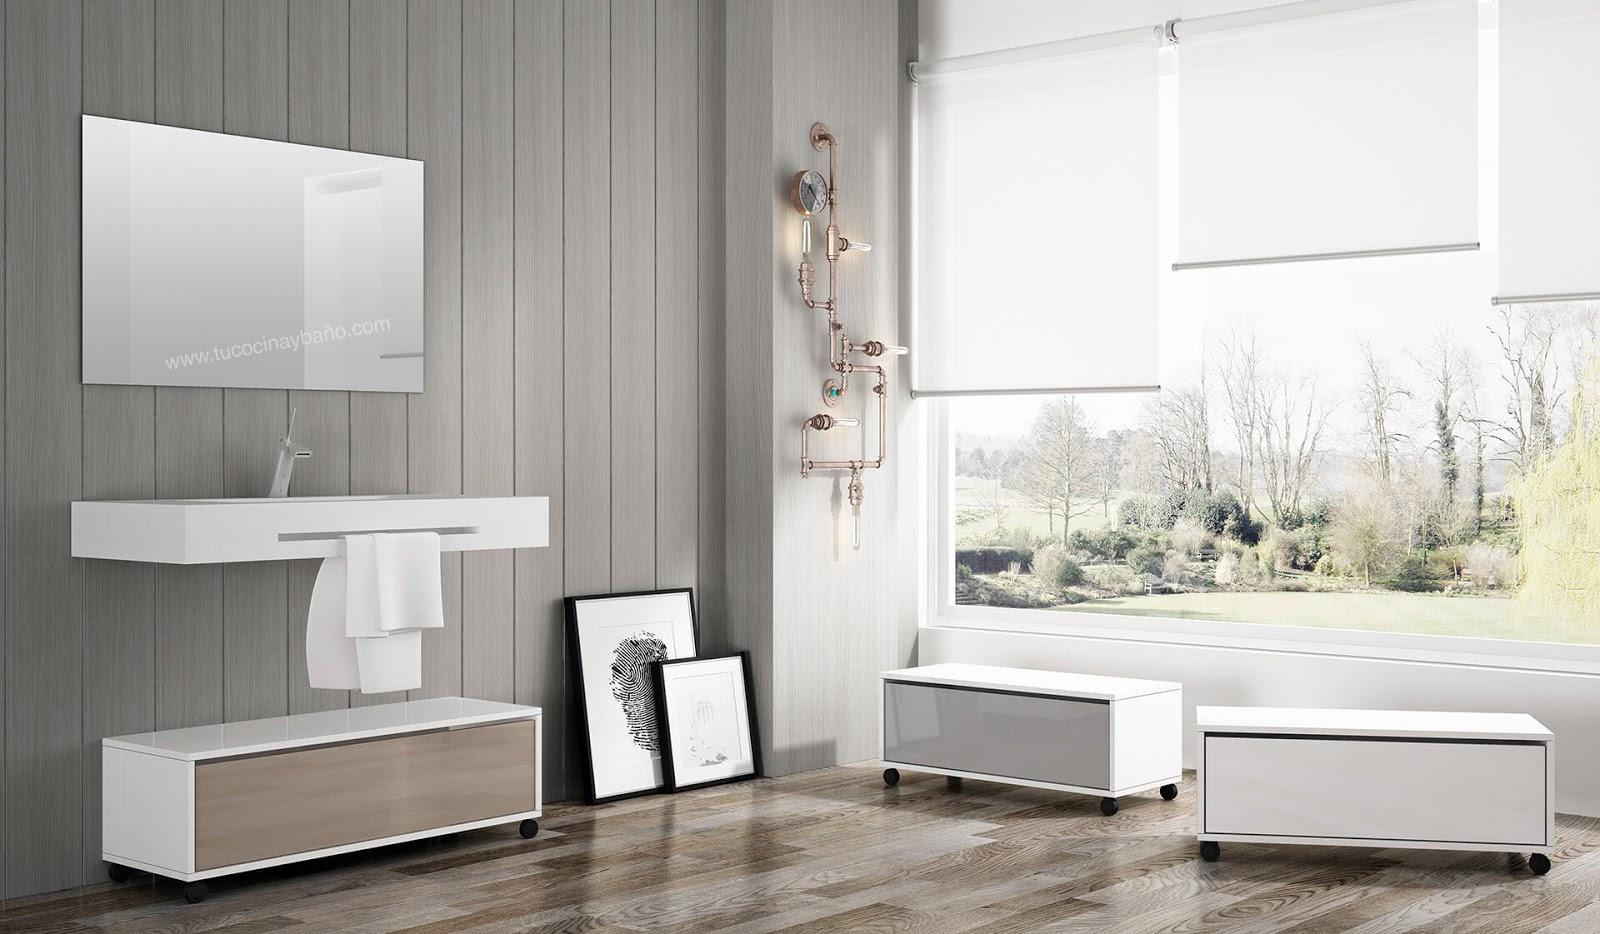 Muebles bano auxiliares 20170826175807 - Muebles auxiliares de cocina baratos ...